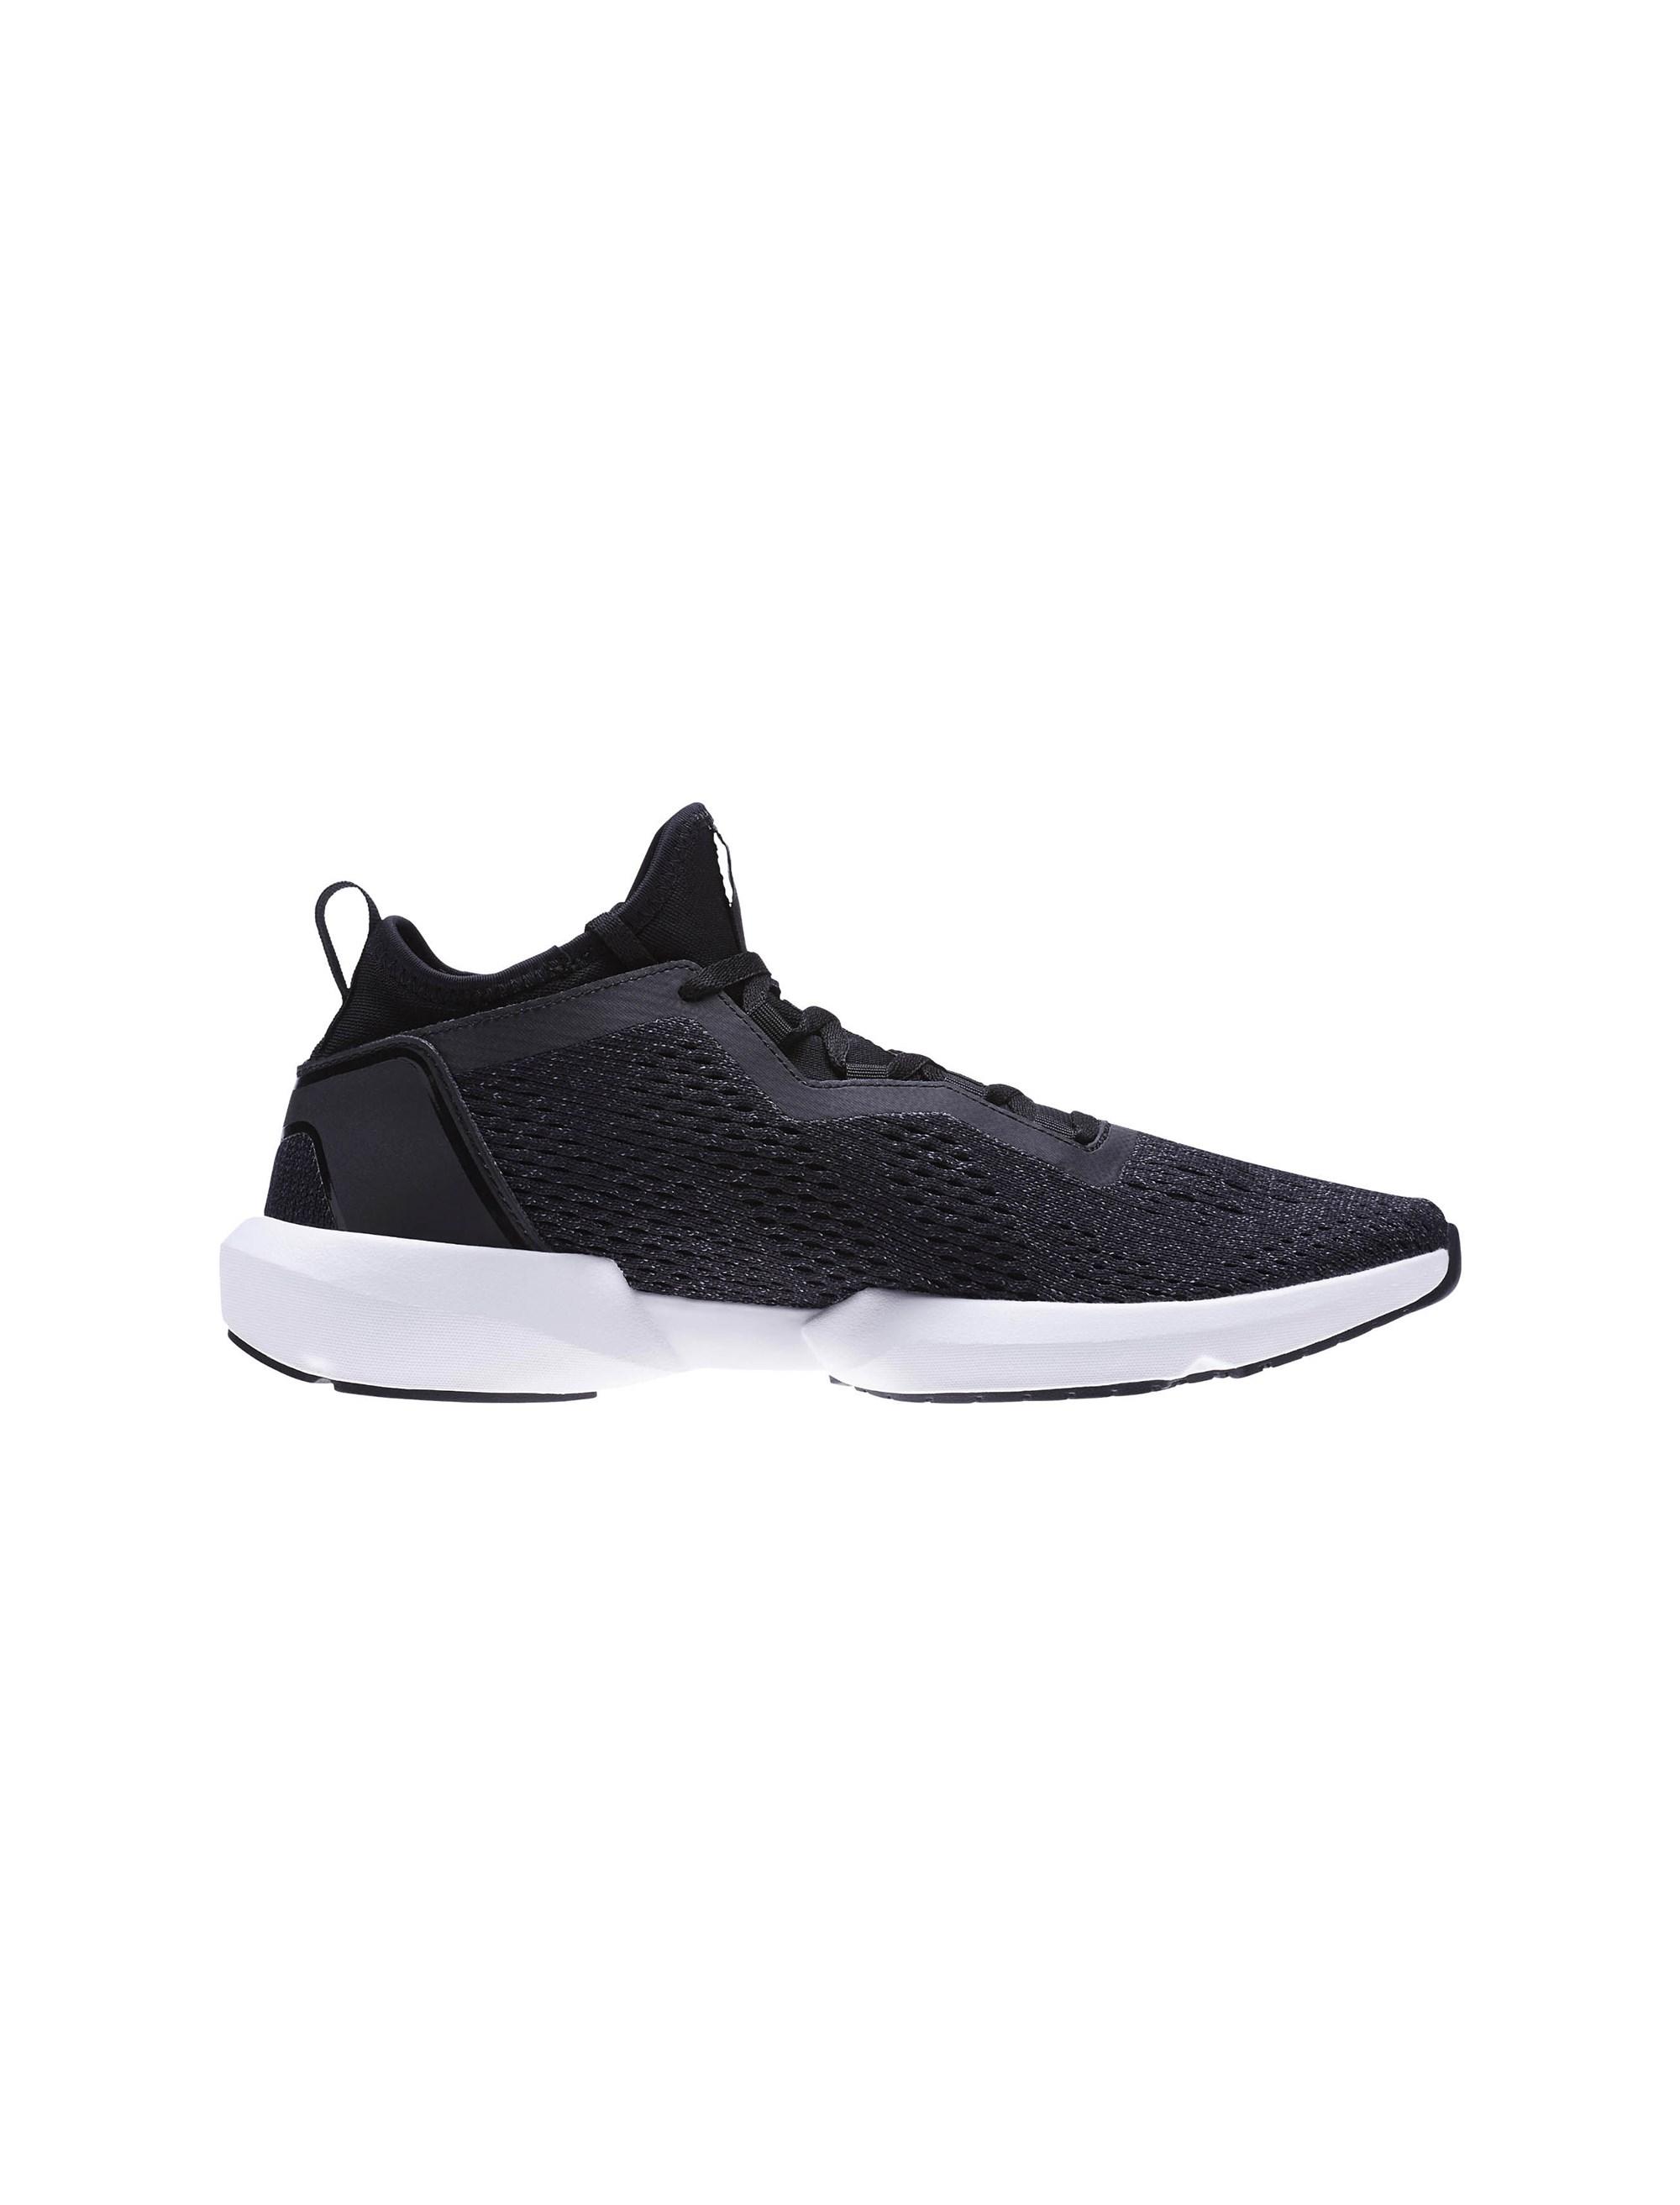 قیمت کفش مخصوص دویدن مردانه ریباک مدل Plus Runner 2